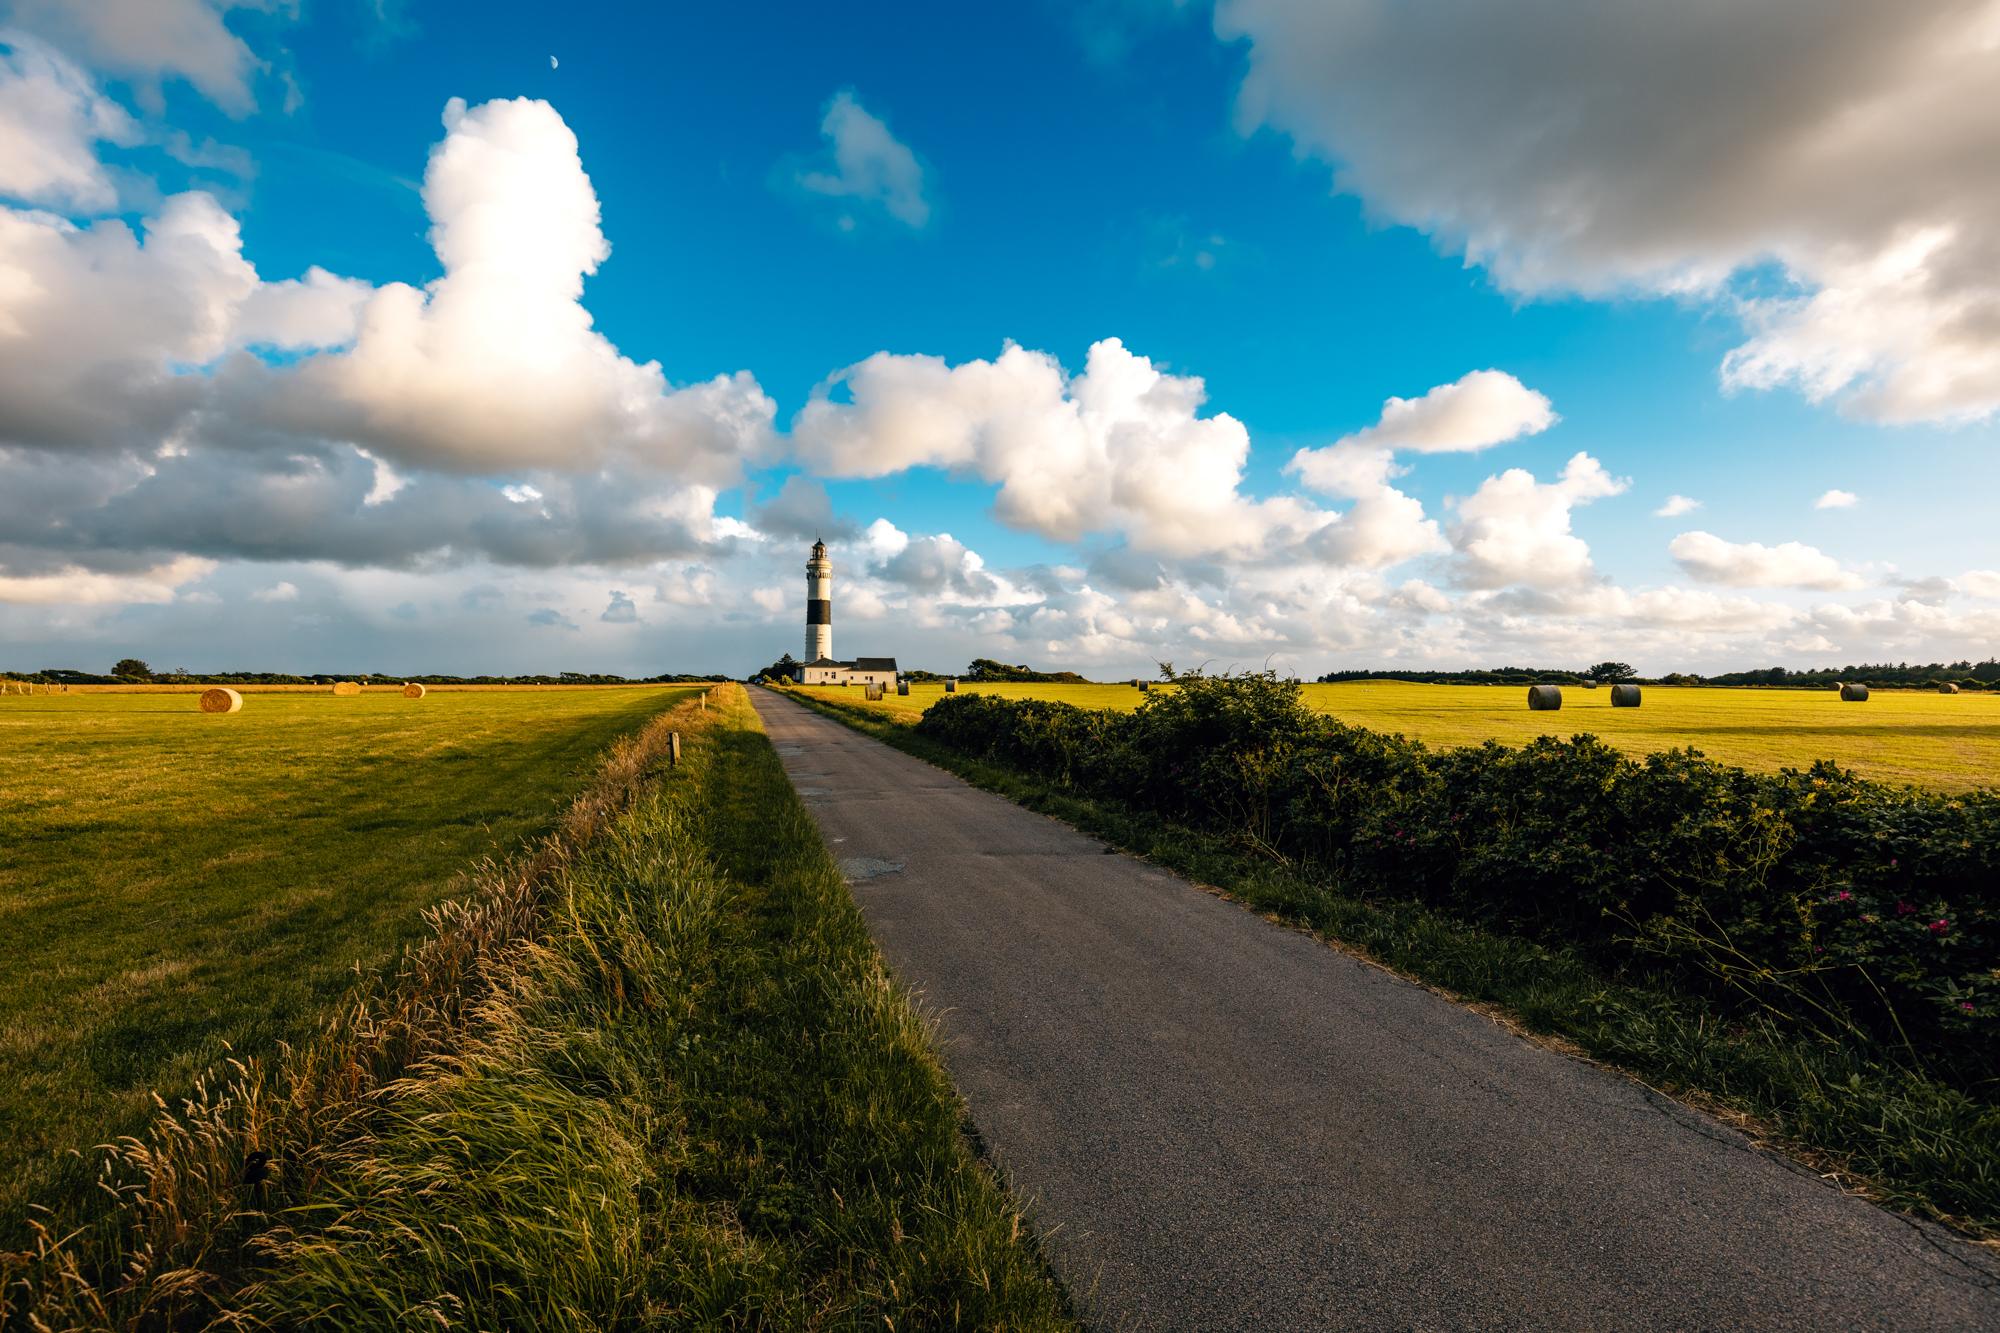 Fotograf Sylt Landschaft Hochzeit Landschaftsfoto Sylt Nauke Jaschinski